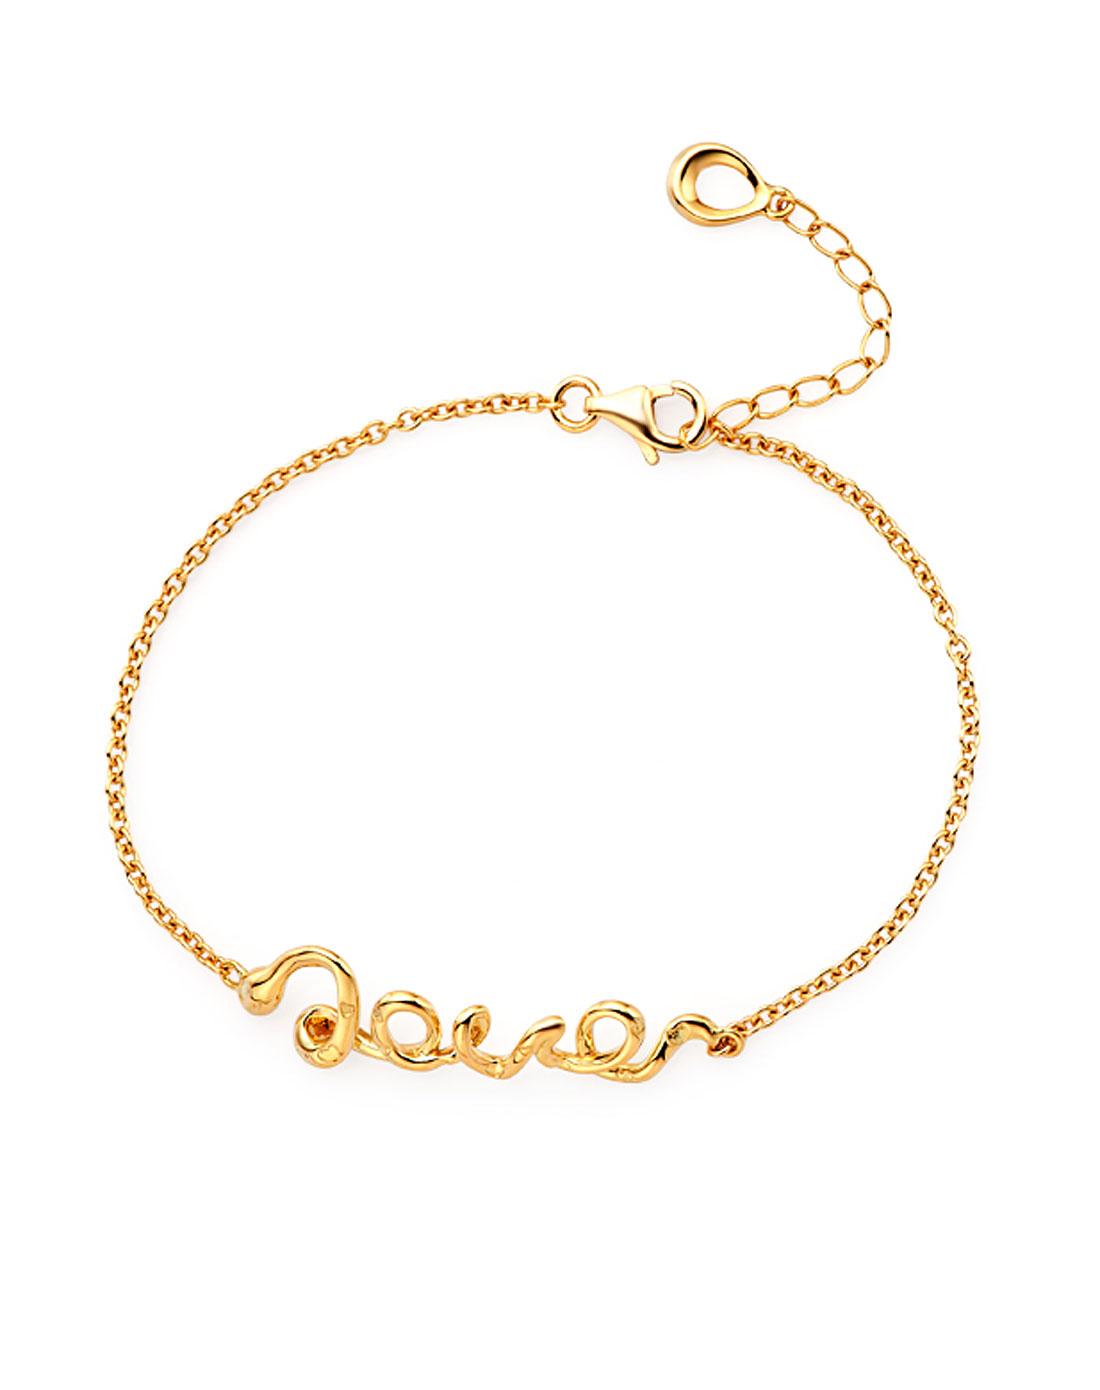 蛇形字母love手链